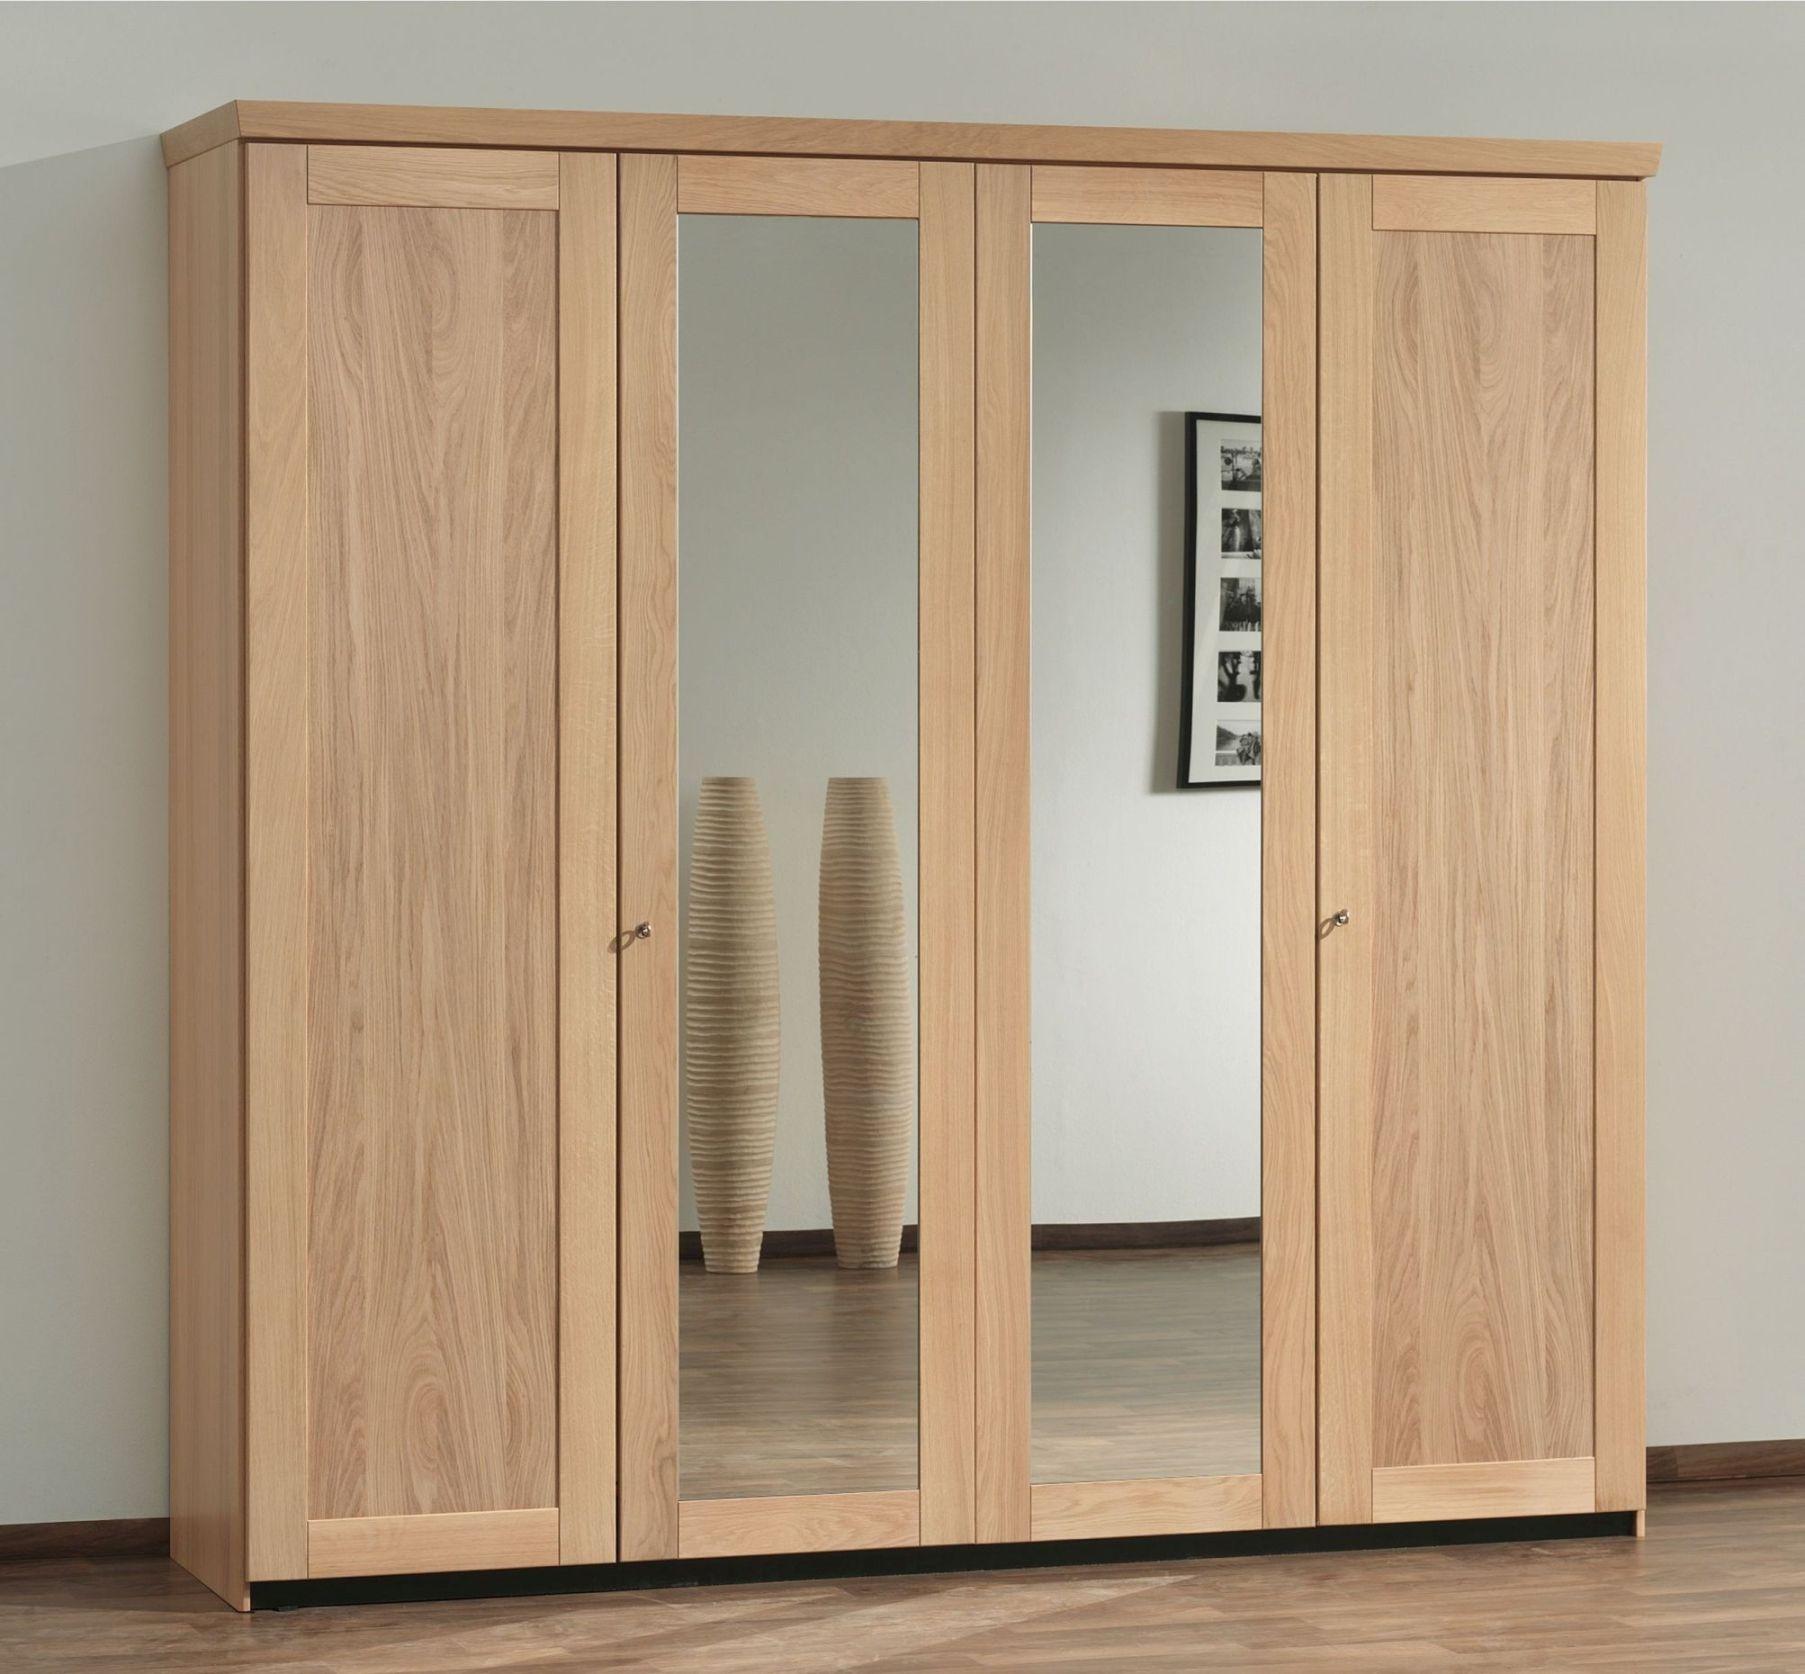 Large Wood Wardrobe Closet